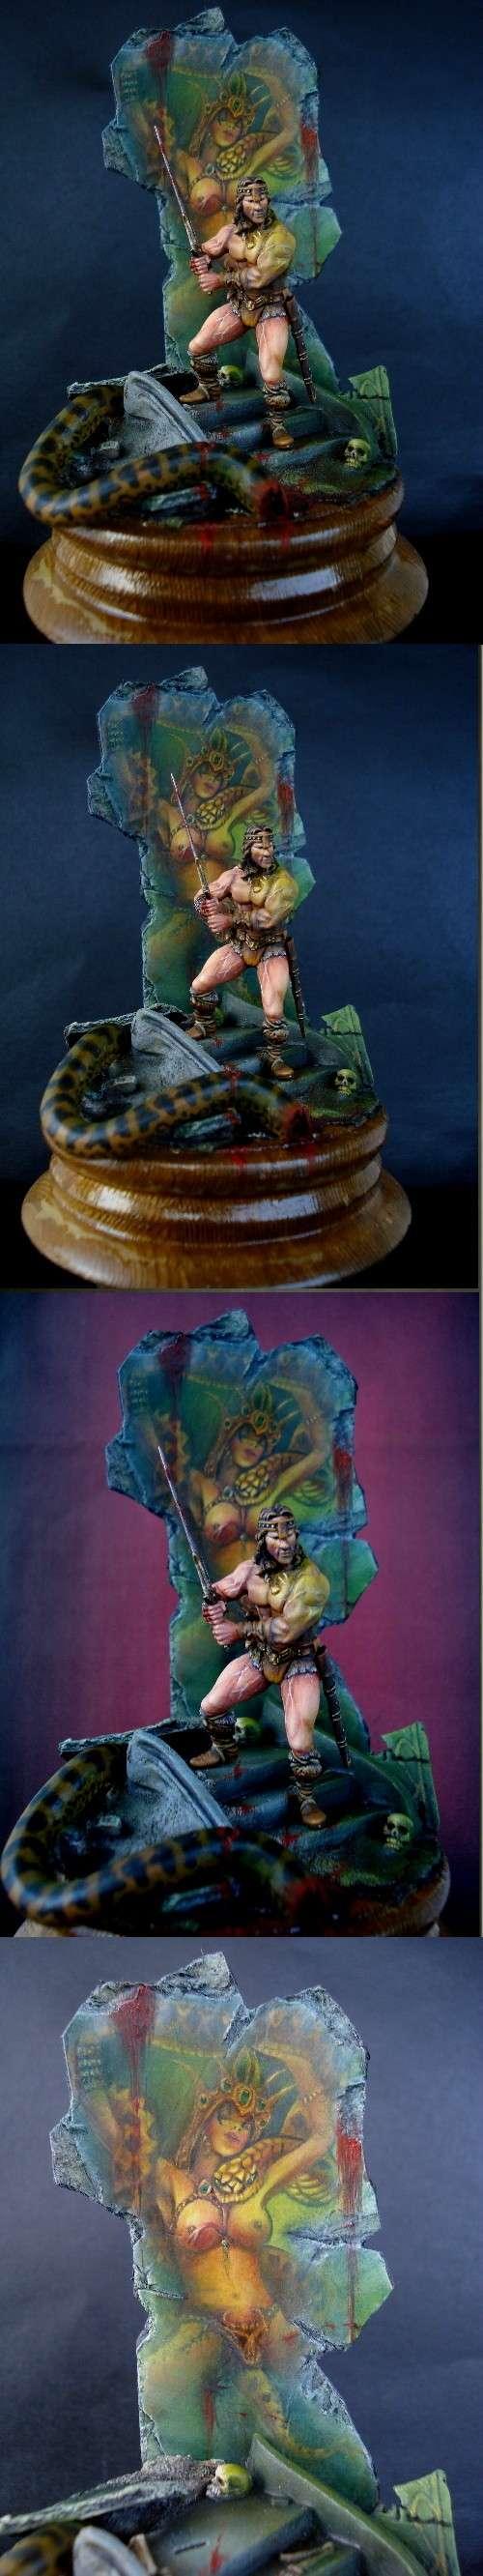 Barbarian, Conan, Diorama, Warhammer Fantasy